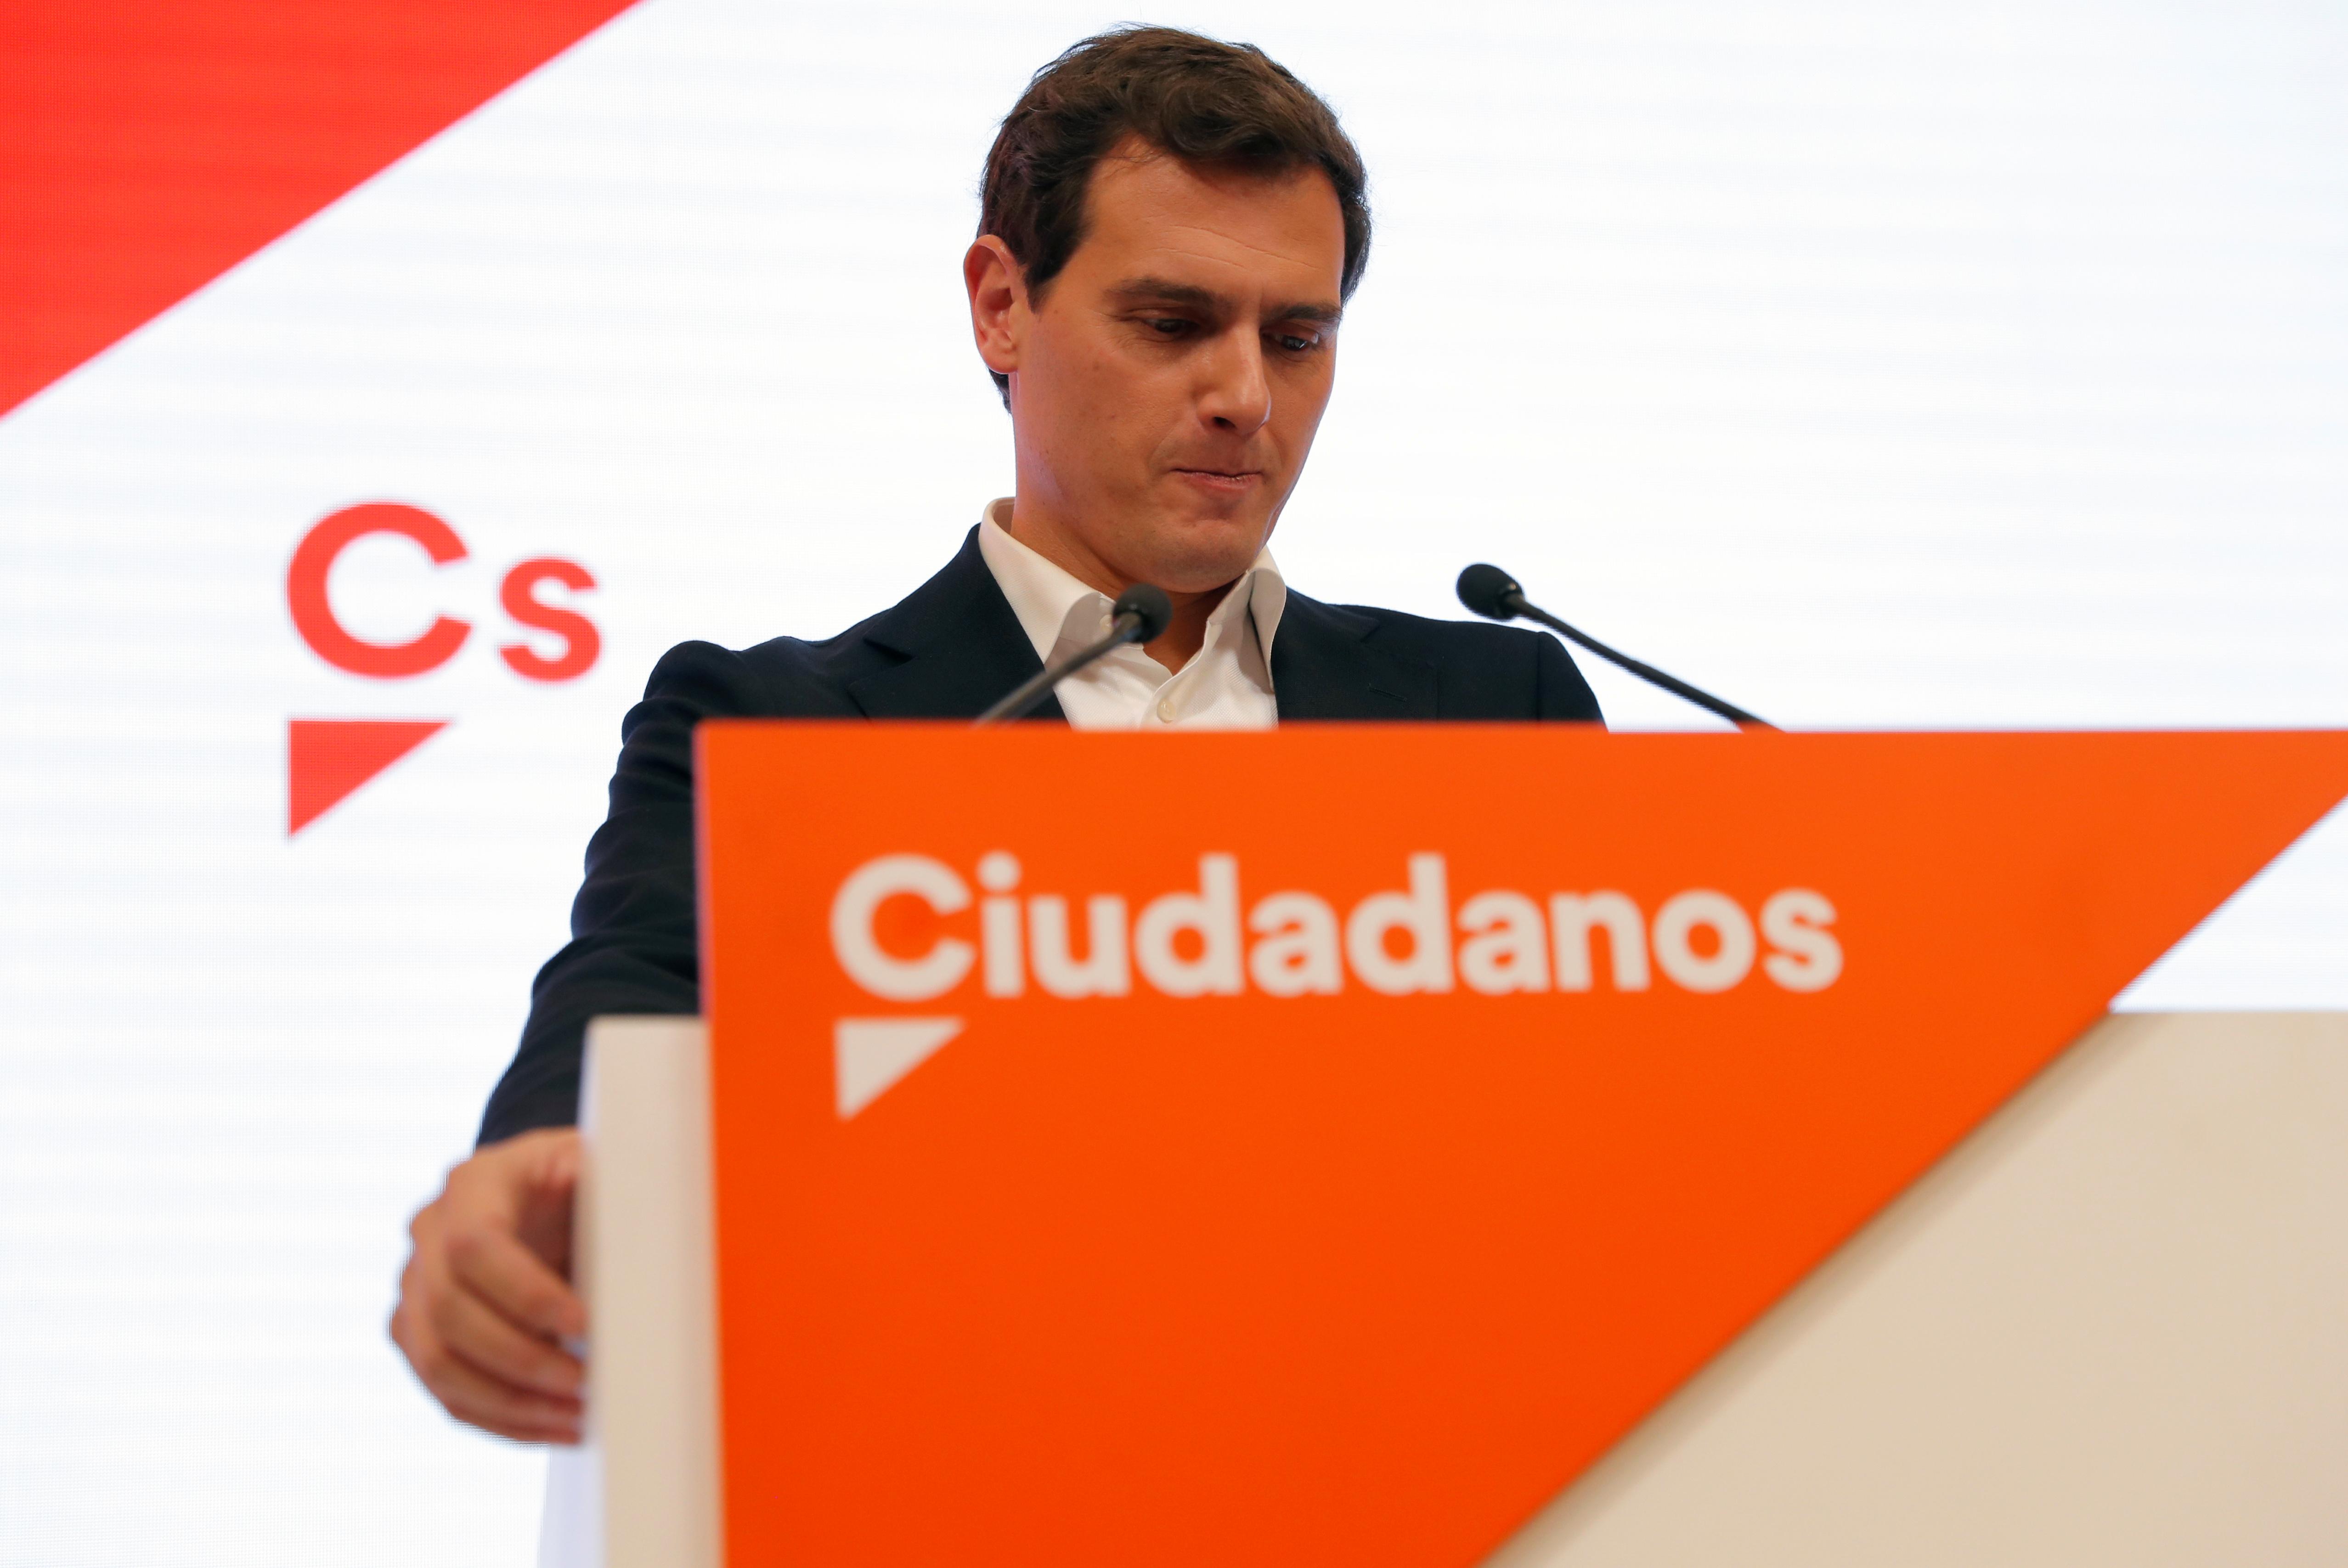 Ισπανία: Παραιτήθηκε ο πρόεδρος των Ciudadanos